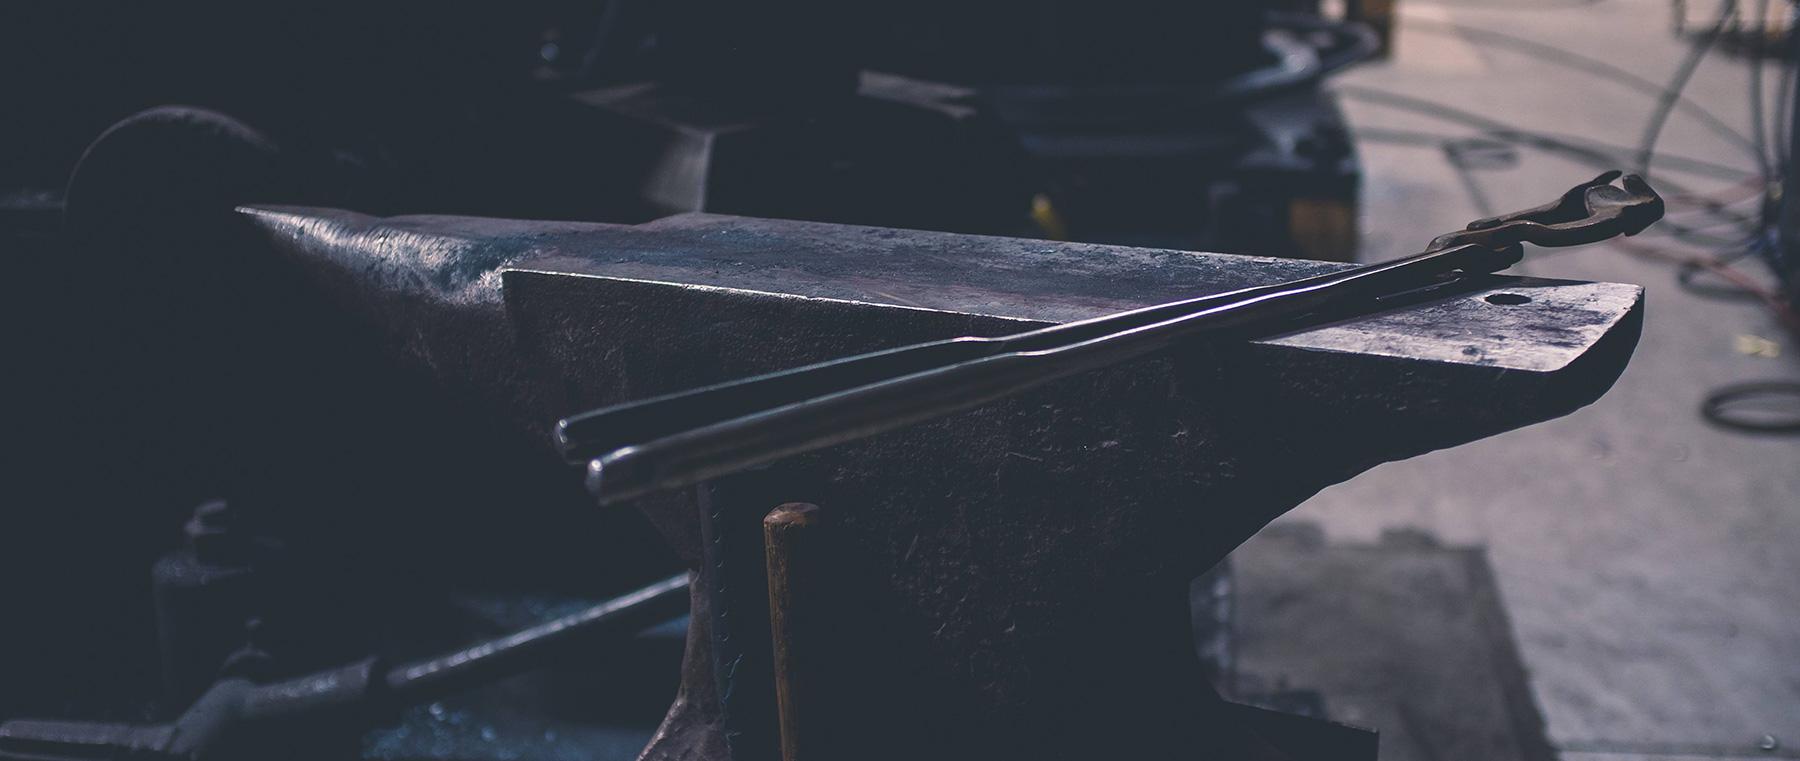 anvil and tongs brisbane